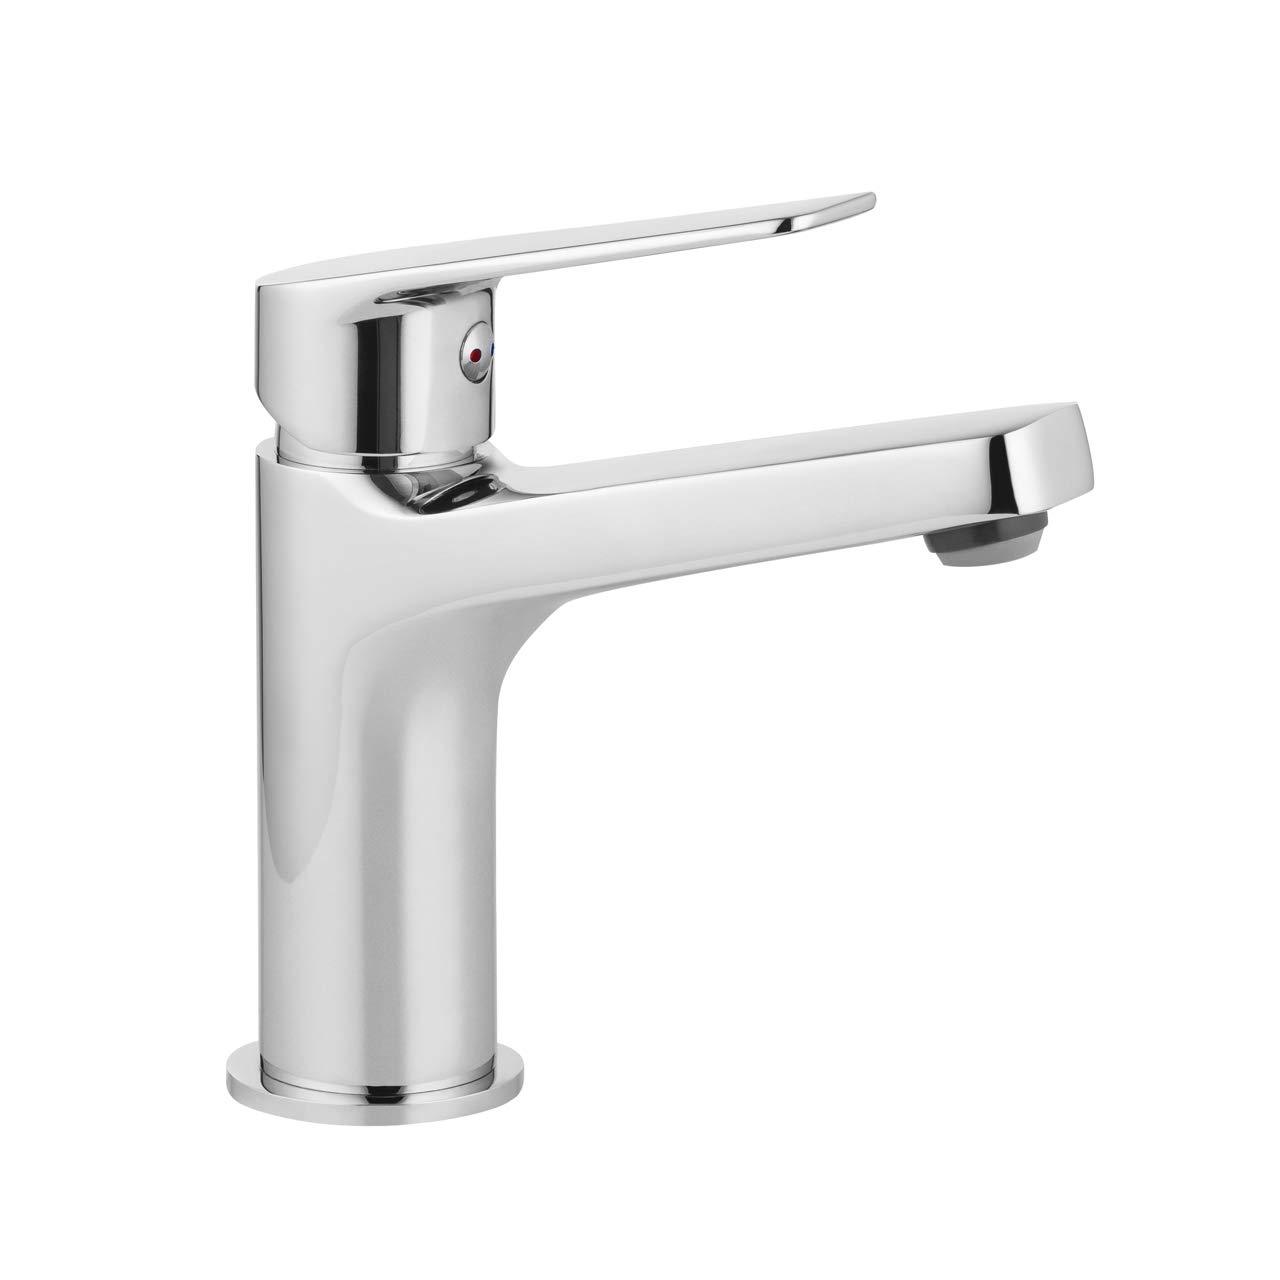 Einhebel Waschtischarmatur Badarmatur Wasserhahn für das Waschbecken - Modell JASMIN - Chrom